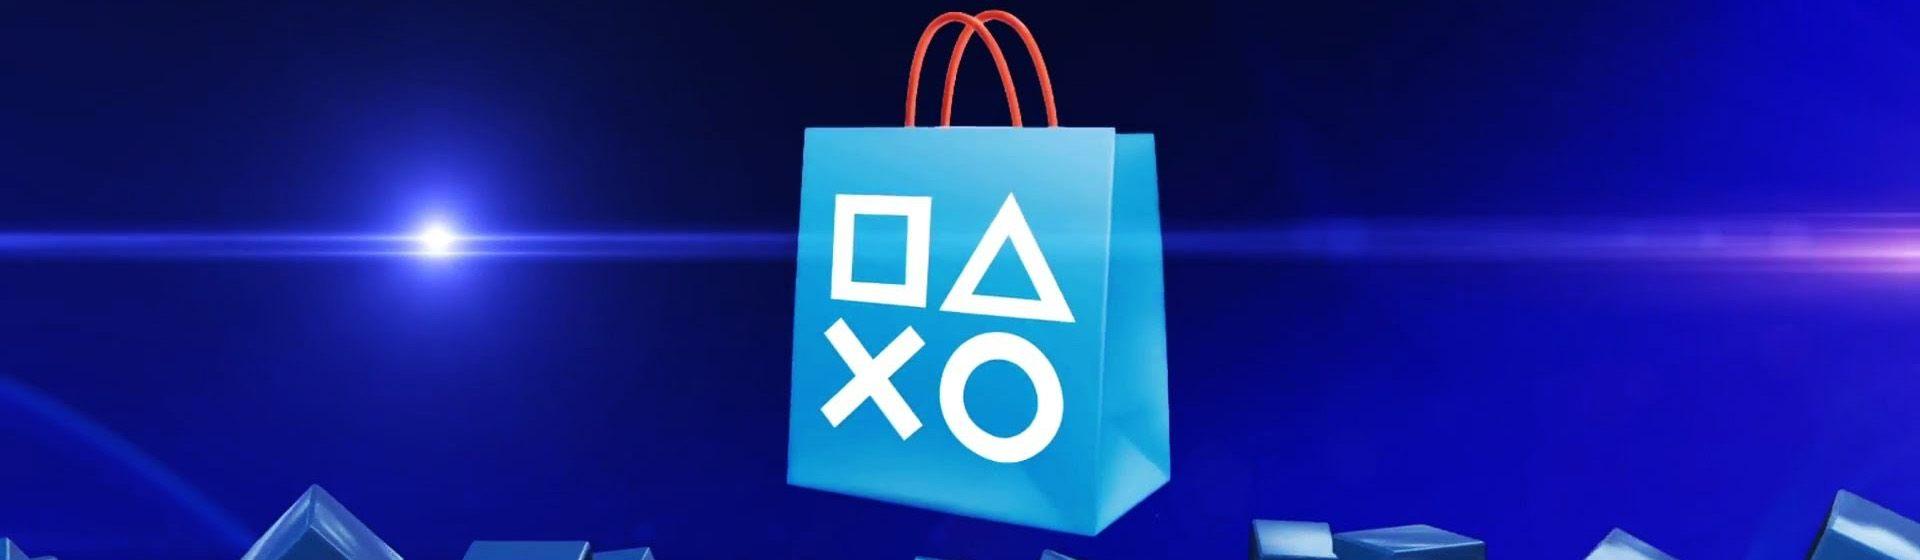 PS Store tem promoções de até 85% em jogos até 11 de fevereiro; confira